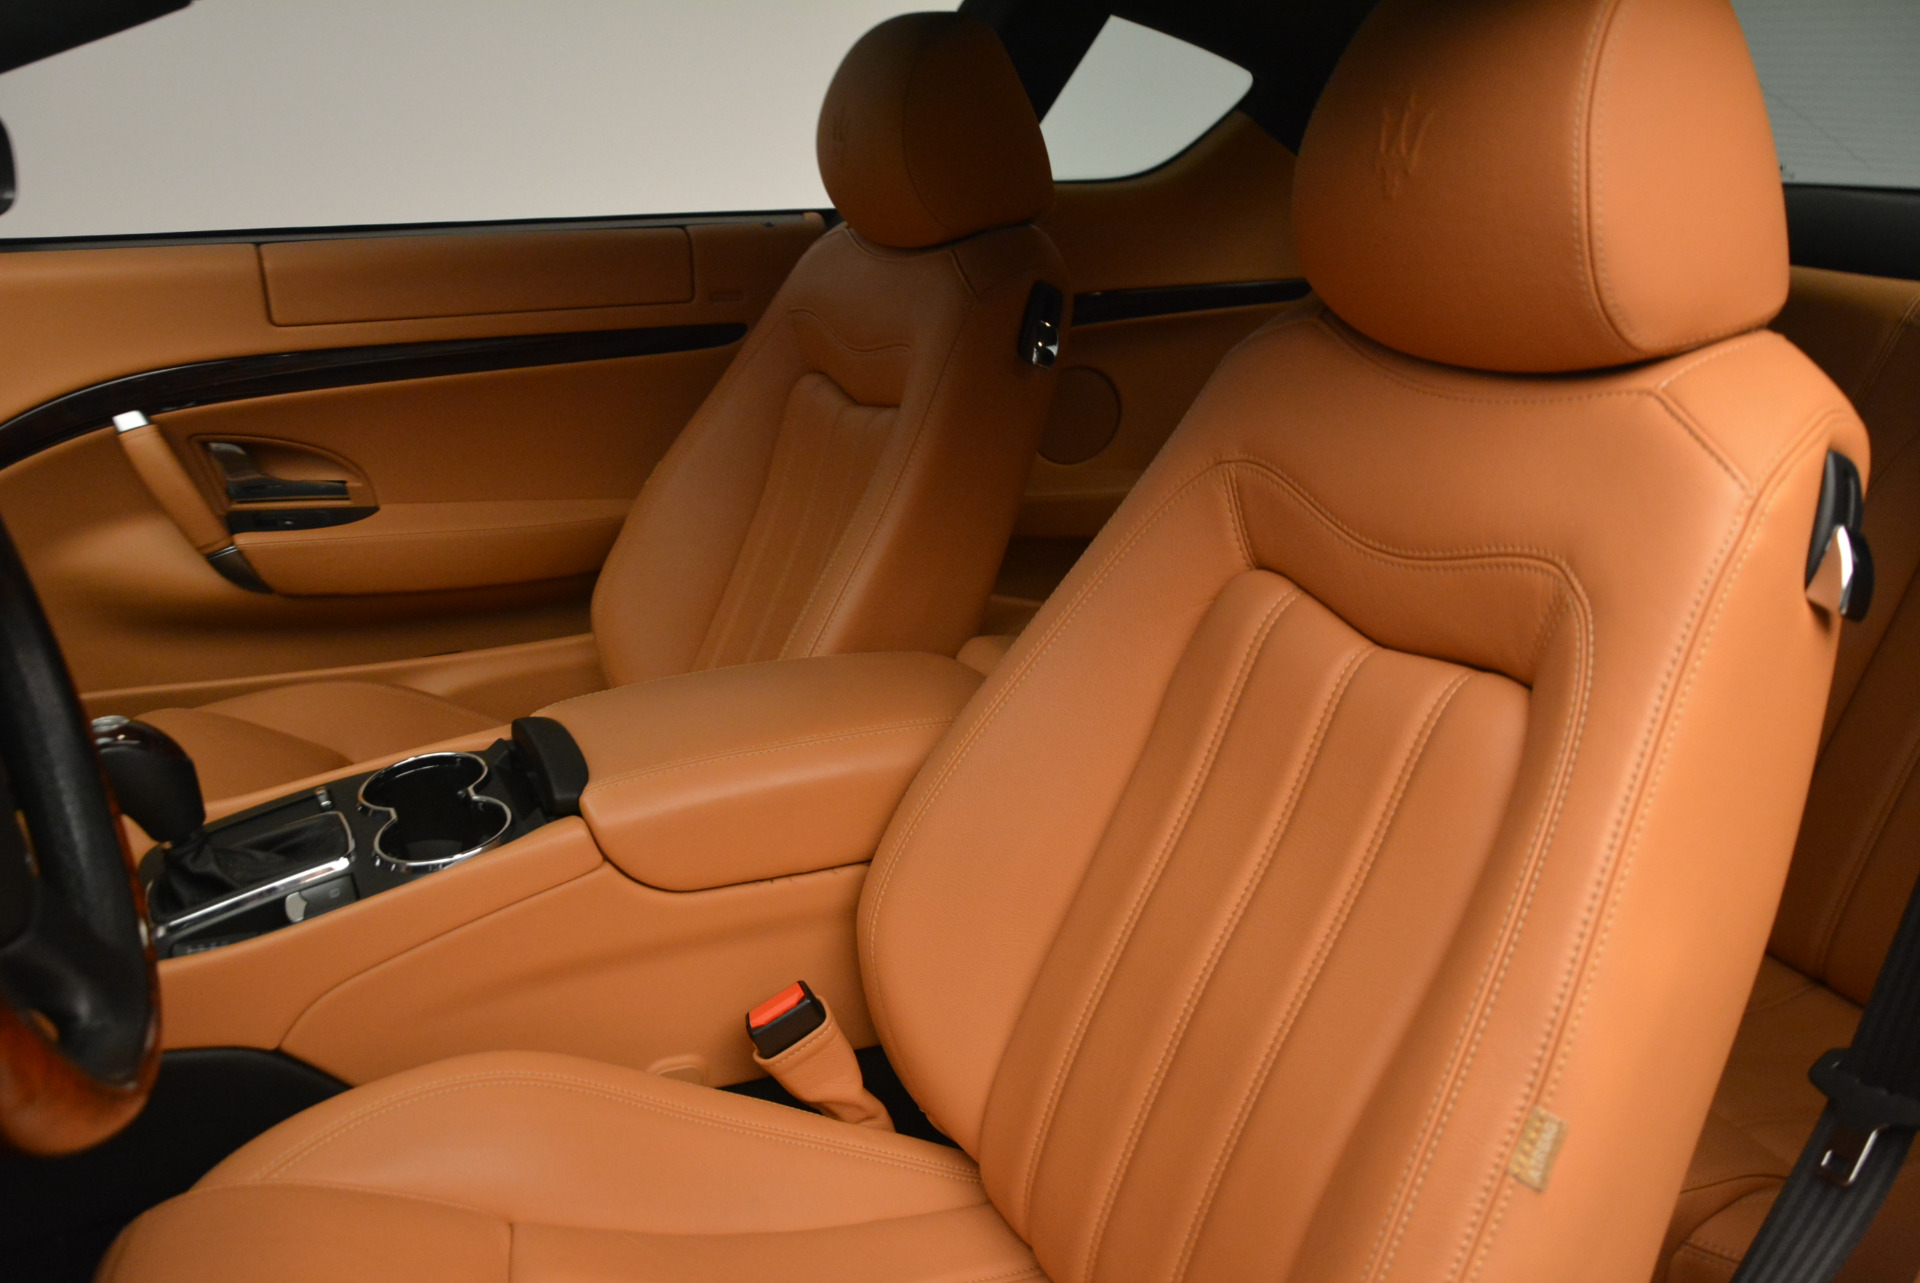 Used 2011 Maserati GranTurismo  For Sale In Greenwich, CT. Alfa Romeo of Greenwich, 7128 816_p15